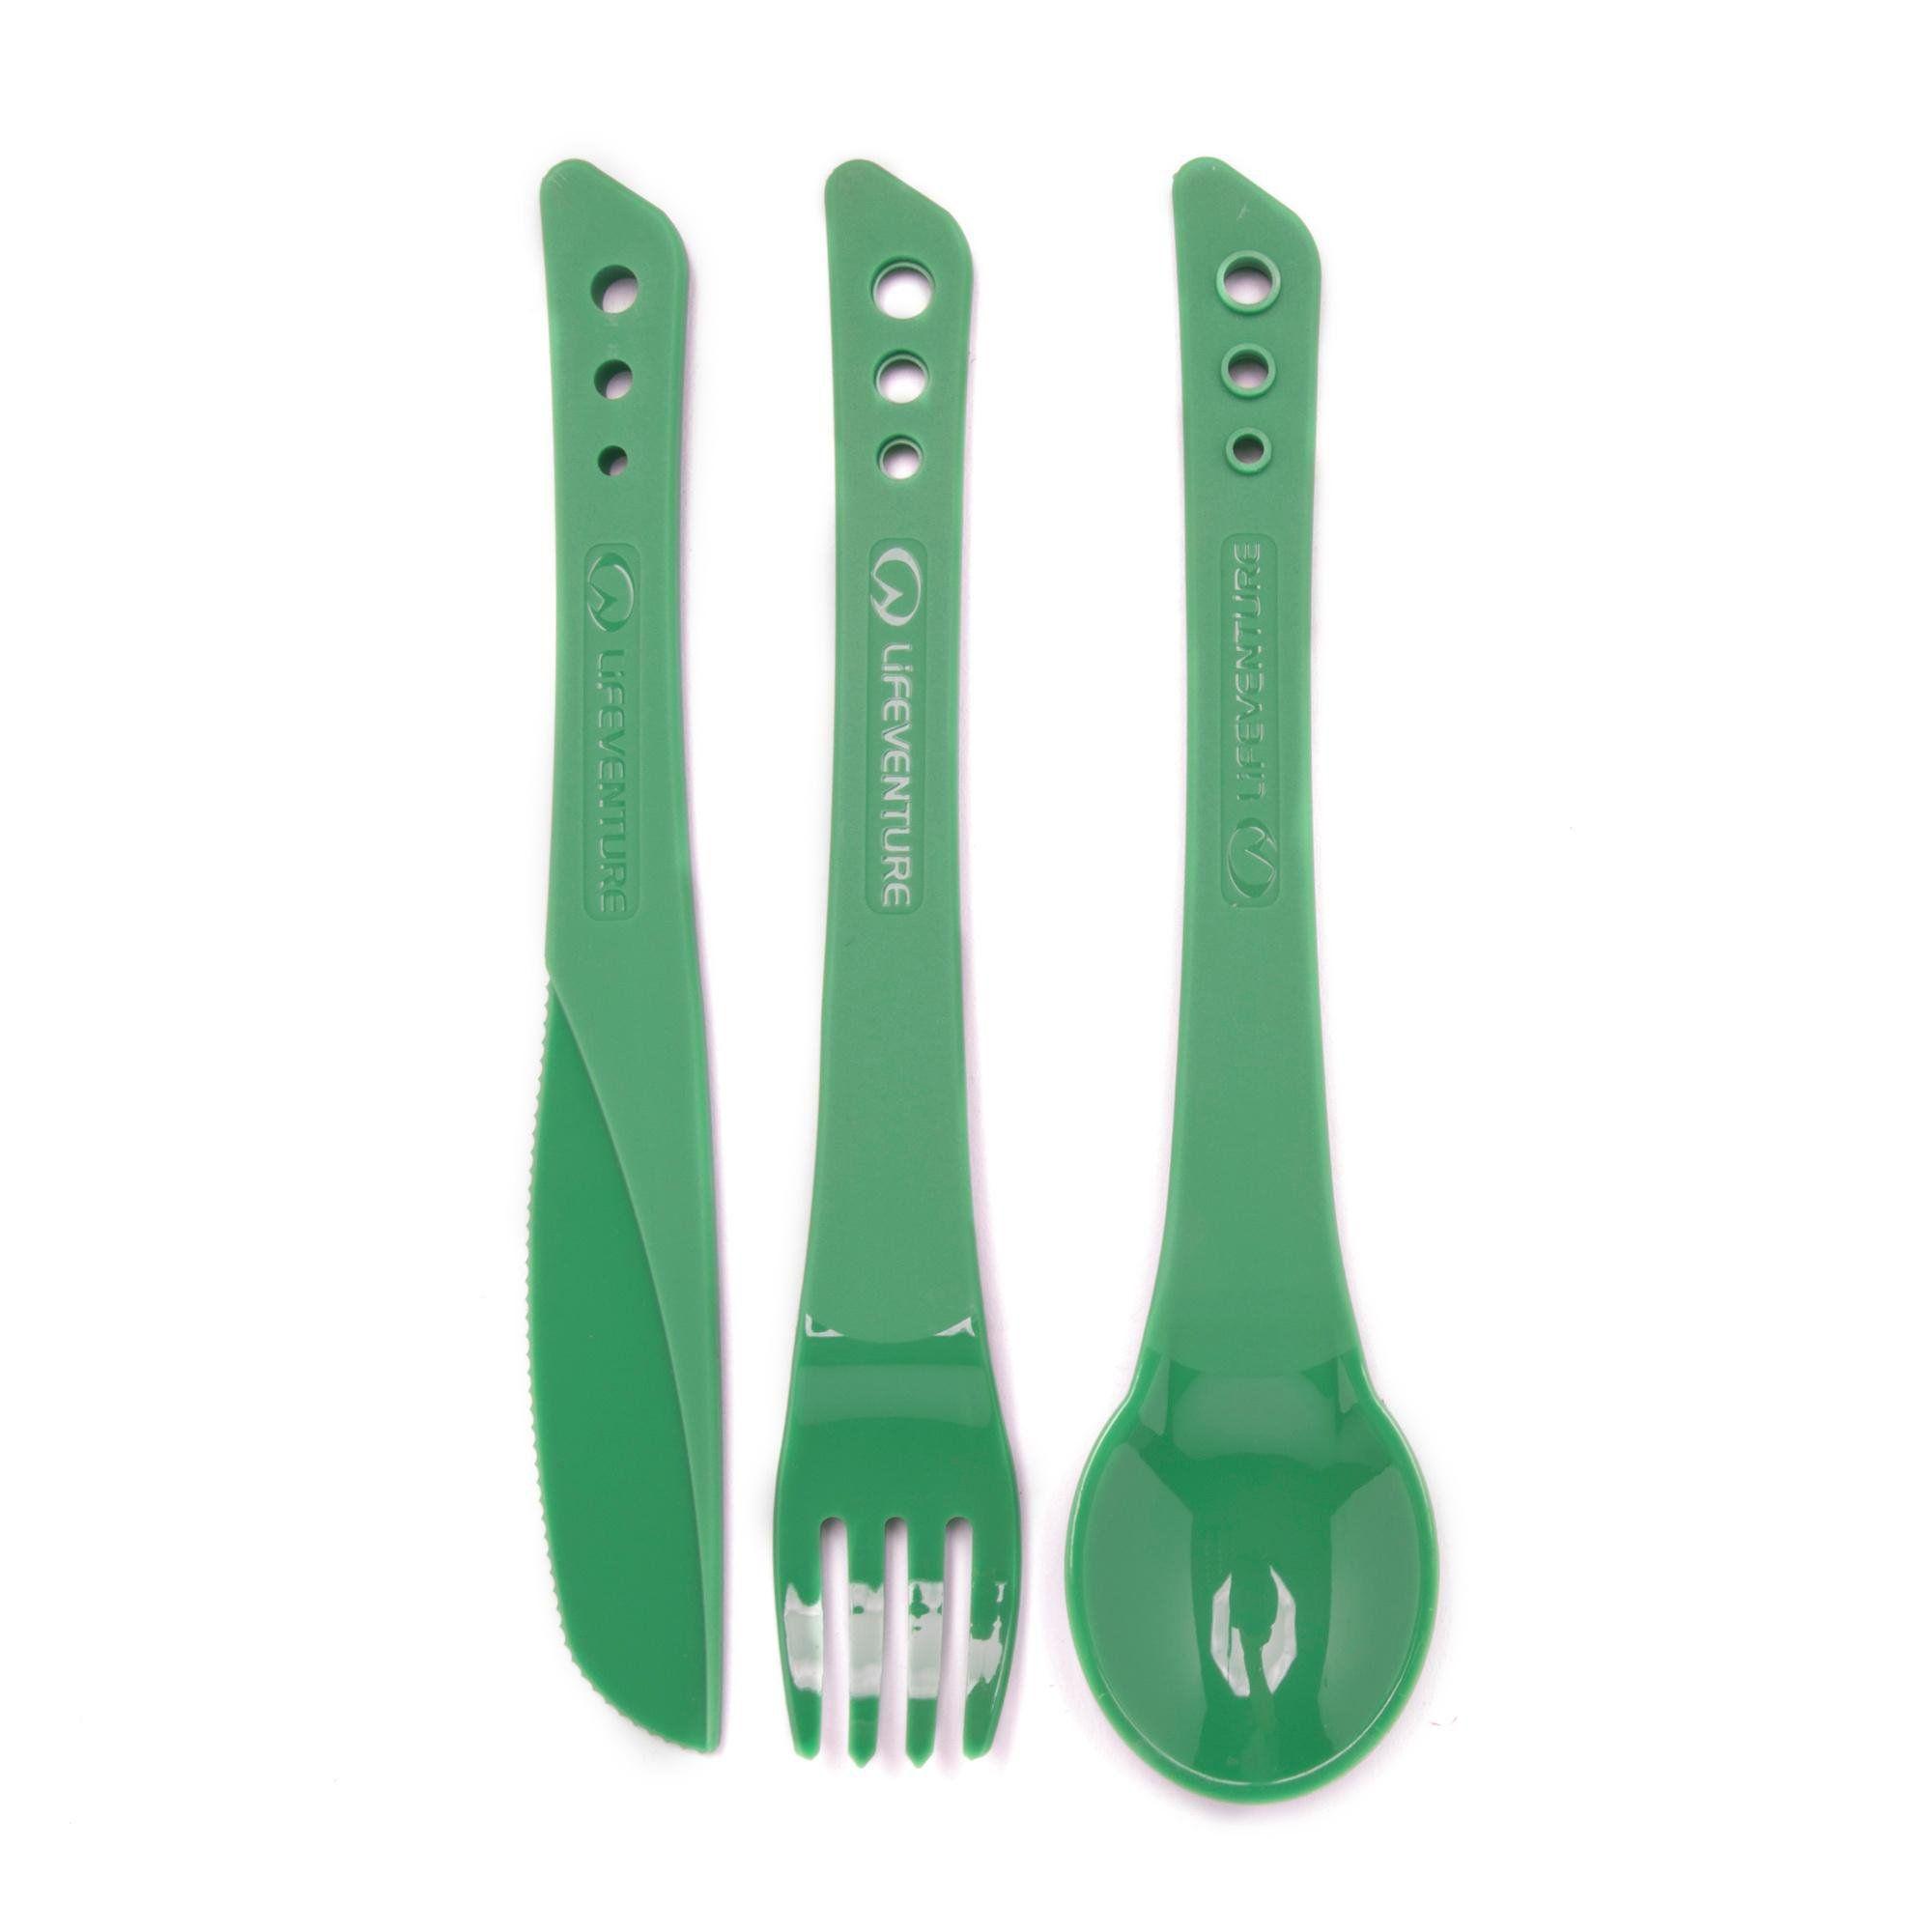 LIFEVENTURE Ellipse Knife, Fork and Spoon Set